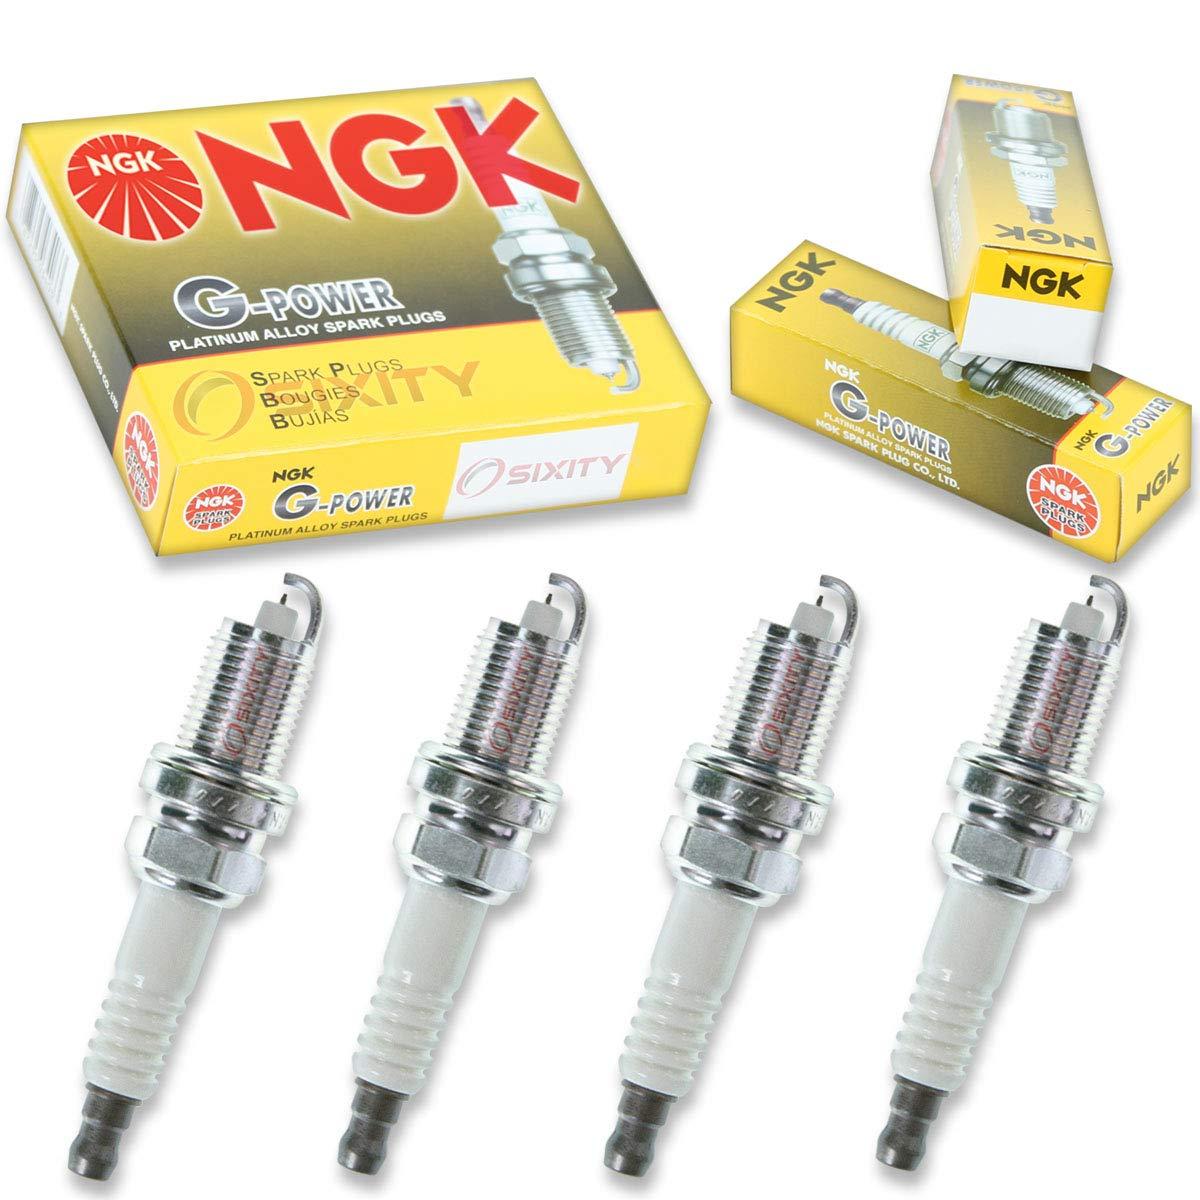 Amazon.com: NGK G-Power 4pcs Spark Plugs Honda Civic 01-05 1.7L L4 GAS Kit Set Tune Up: Automotive